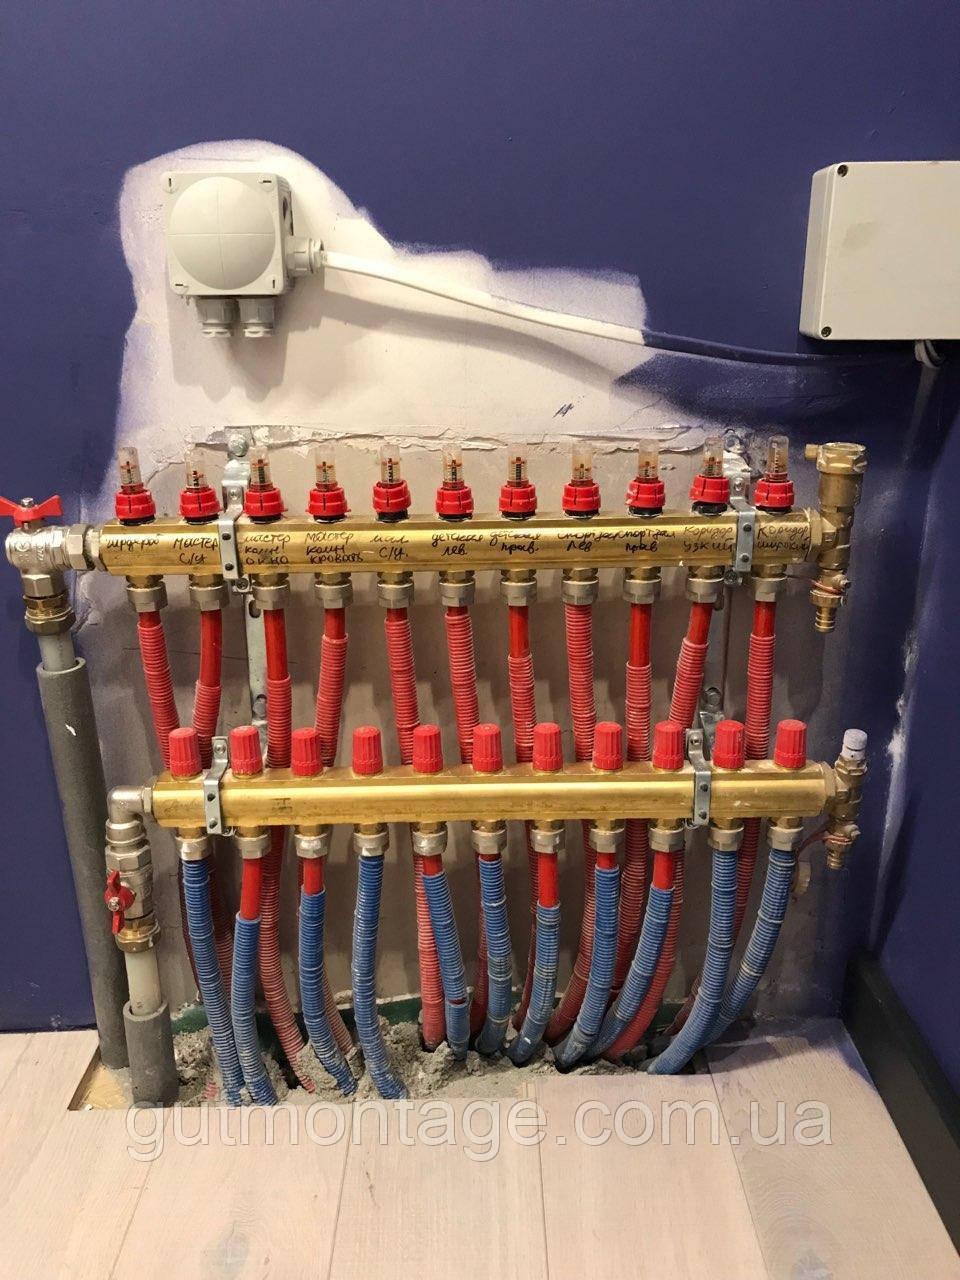 Коллектор для теплых полов Данфосс Дания 11выходов. Комплект. Розподільчі колектори FHF, С расходомерами